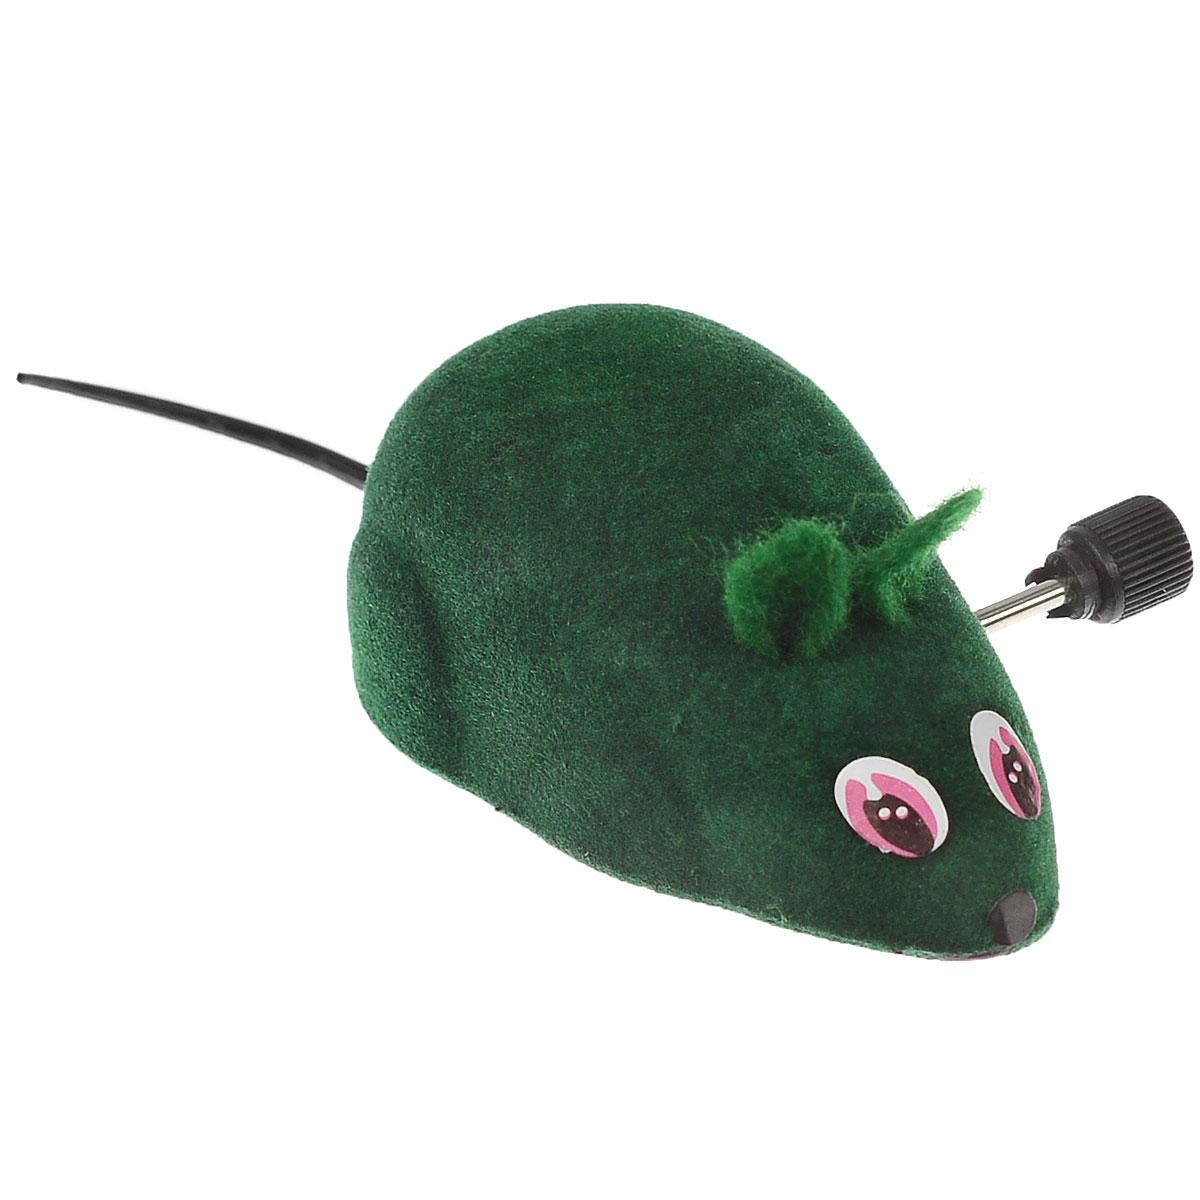 Игрушка для кошек Beeztees Мышь заводная, цвет: зеленый39781Игрушка для кошек Beeztees Мышь заводная, изготовленная из пластика и текстиля, привлечет внимания вашей кошки. Изделие оснащено колесиками и заводным механизмом. Игрушка не требует батареек просто покрутите механизм до упора и мышка начнет двигаться. Такая игрушка не навредит здоровью вашего питомца и увлечет его на долгое время.